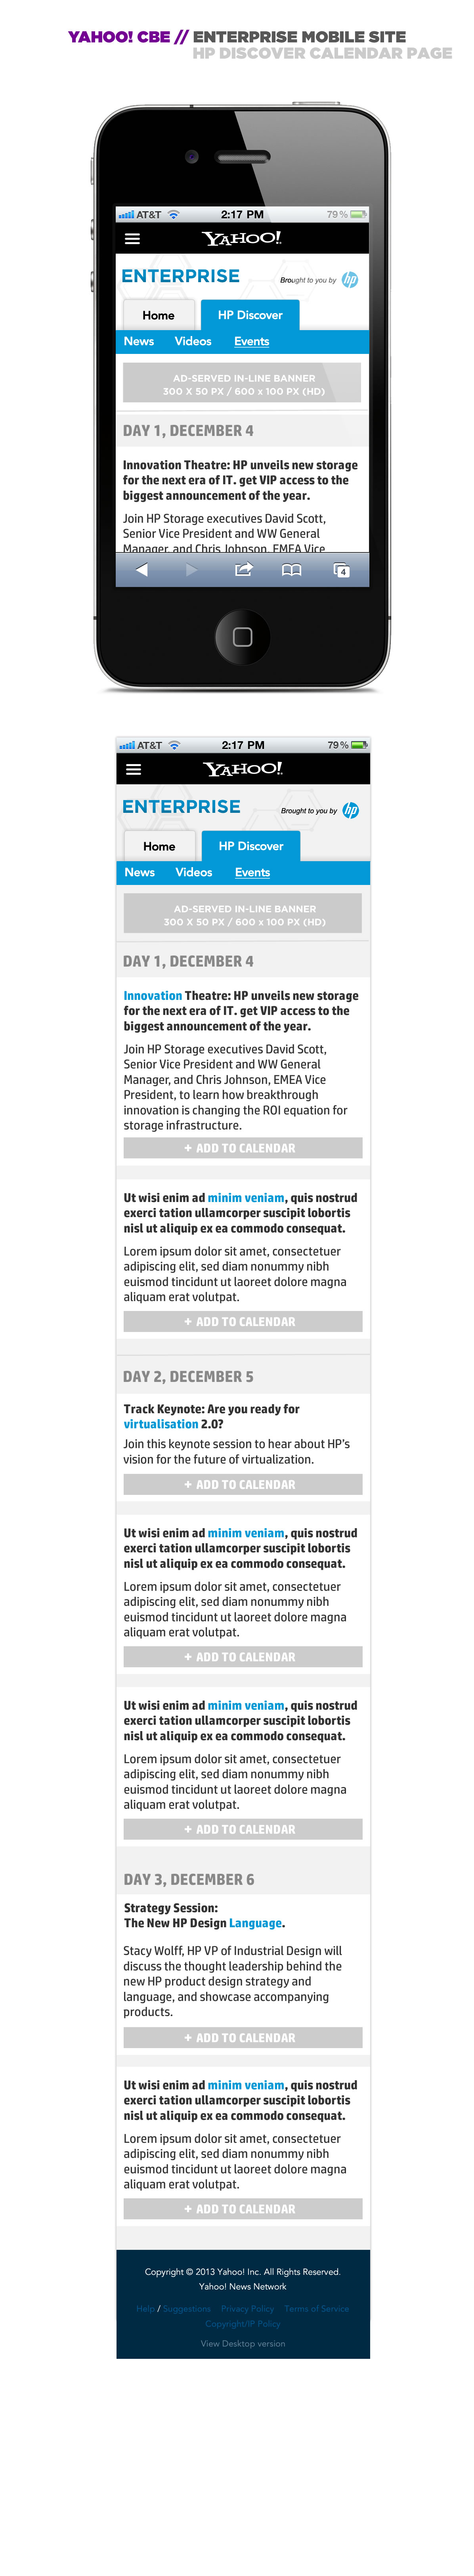 Enterprise_Mobile_hpdiscover-calendar.jpg